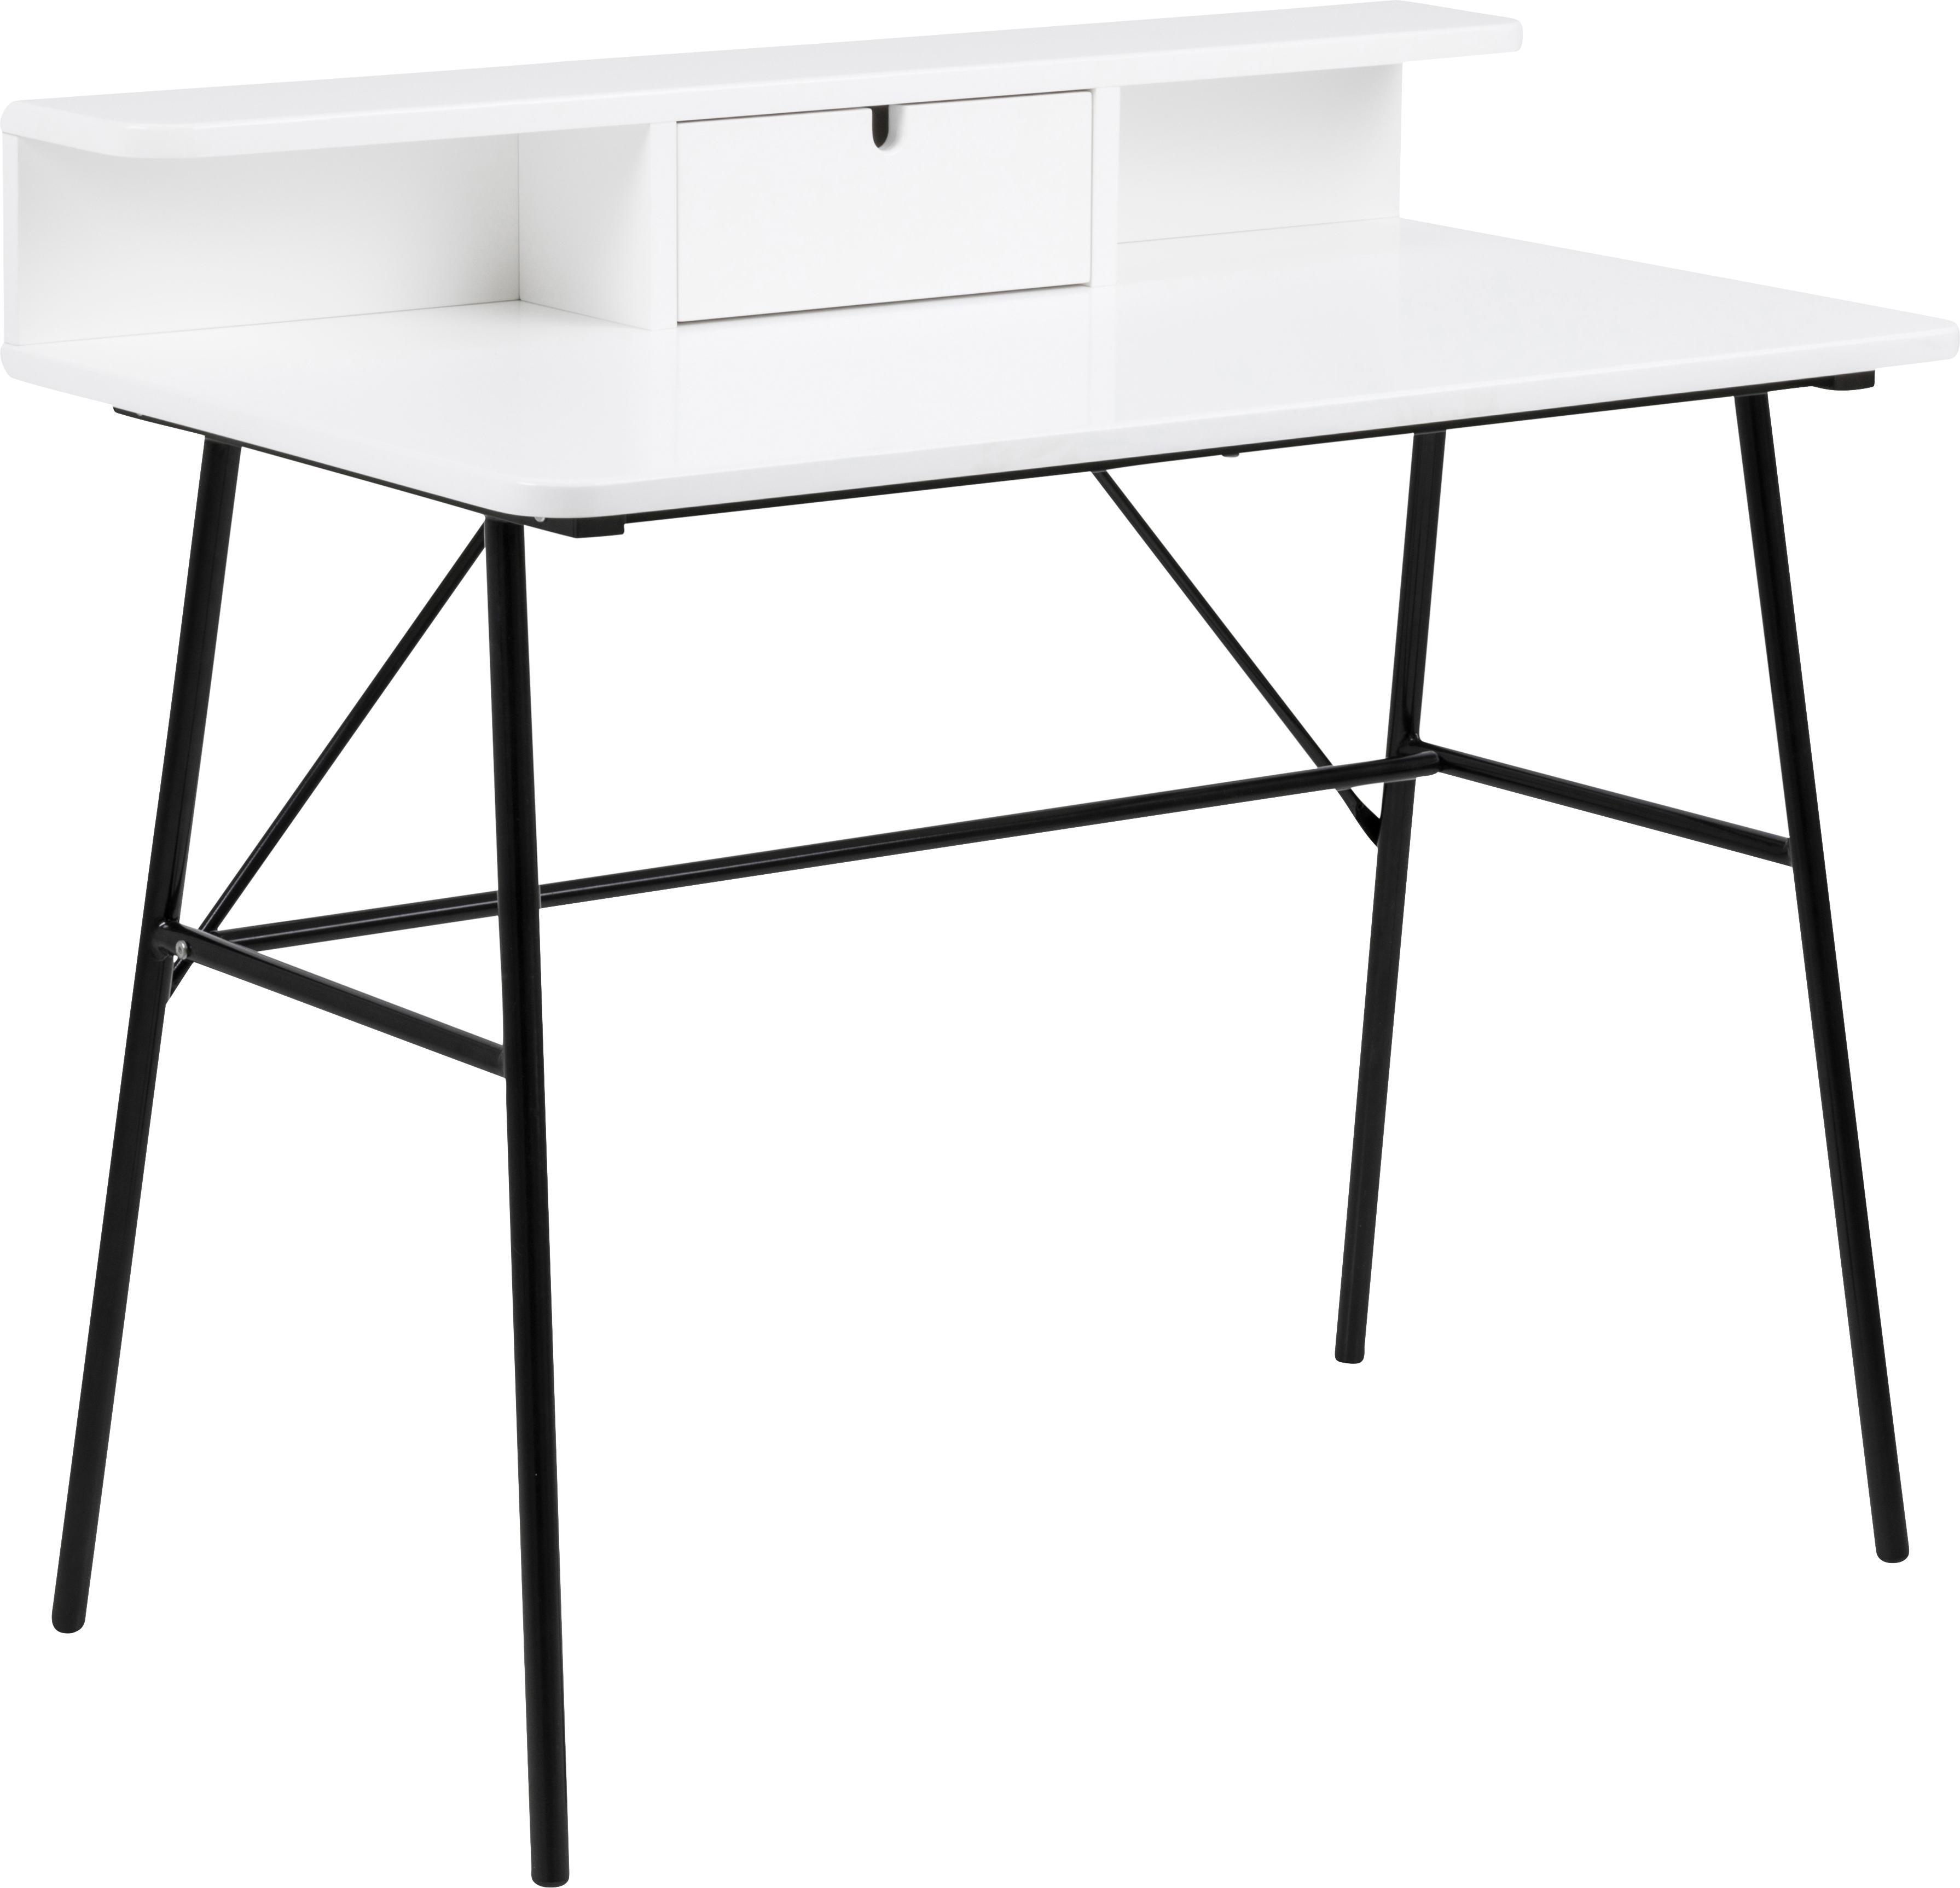 Bureau Pascal met lades, Poten: gelakt metaal, Zwart, wit, 100 x 88 cm